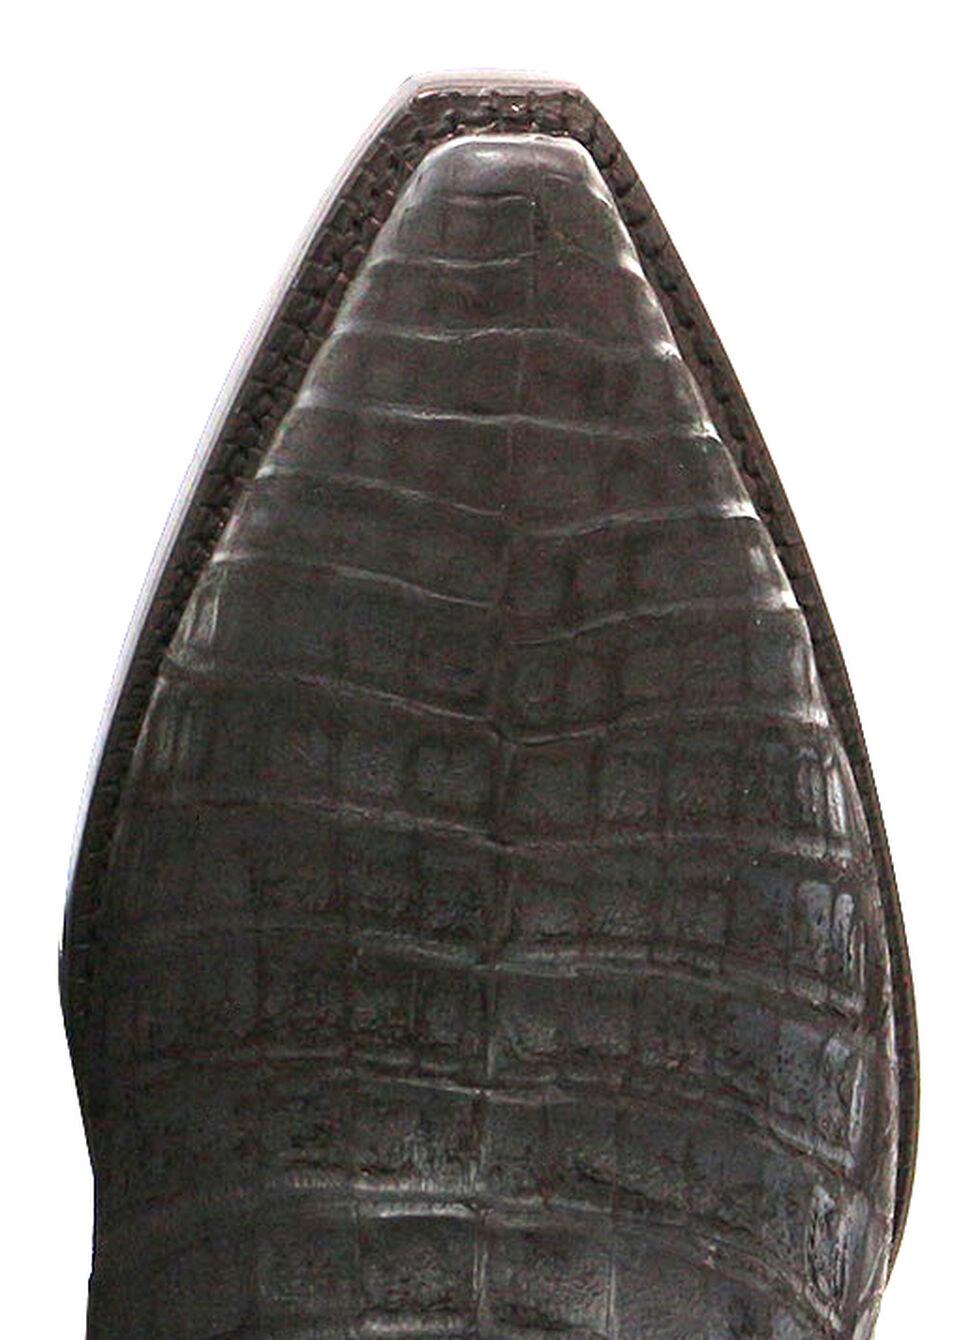 El Dorado Handmade Caiman Cowboy Boots - Snip Toe, Chocolate, hi-res